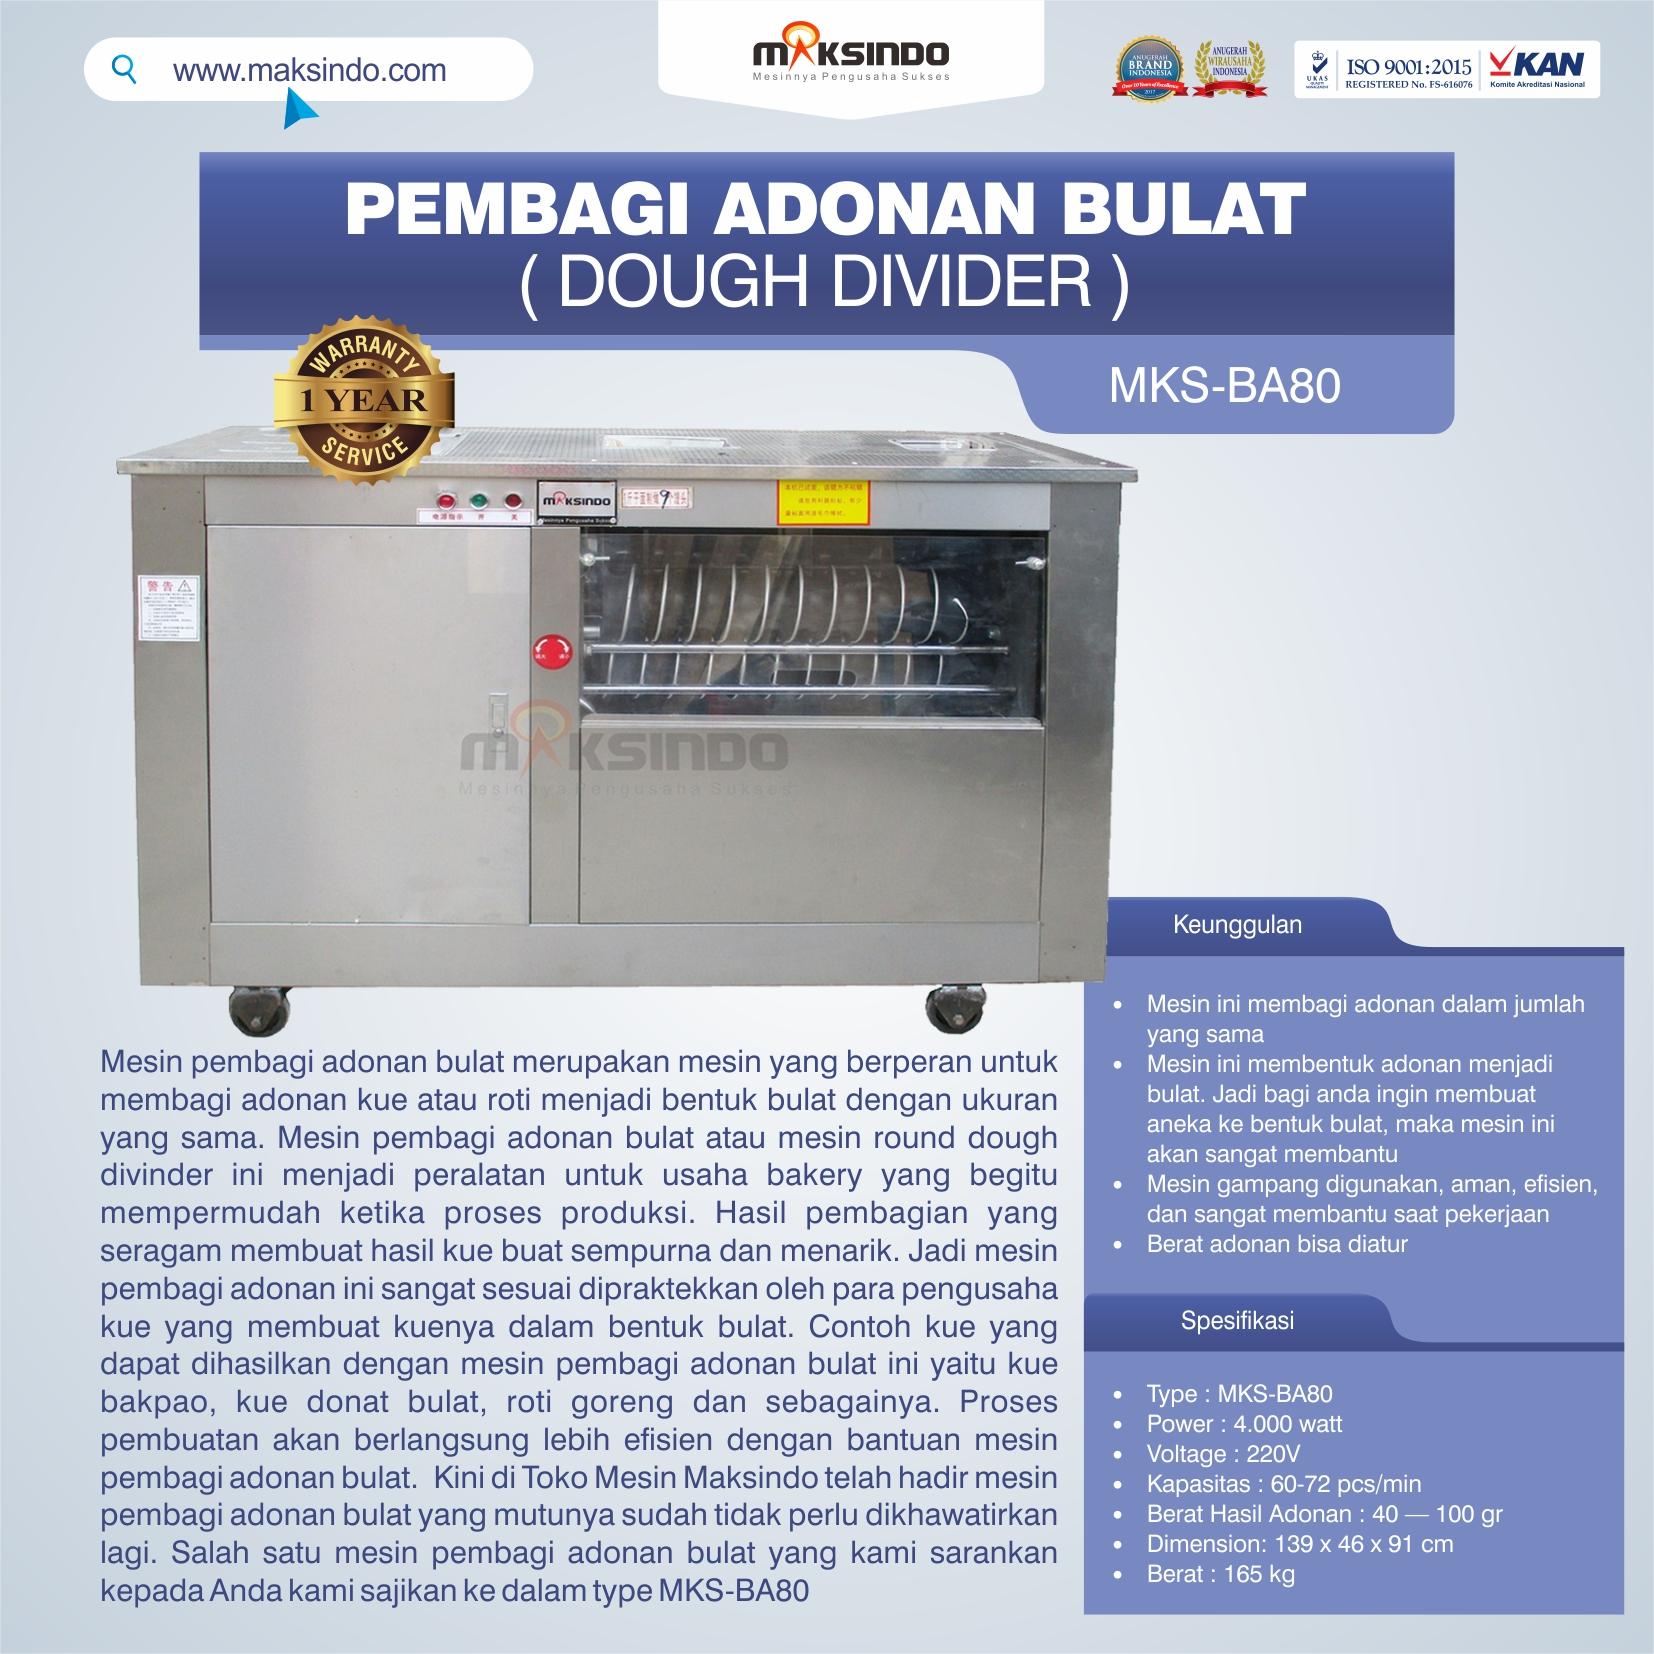 Jual Pembagi Adonan Bulat (Dough Divider) MKS-BA80 di Bekasi